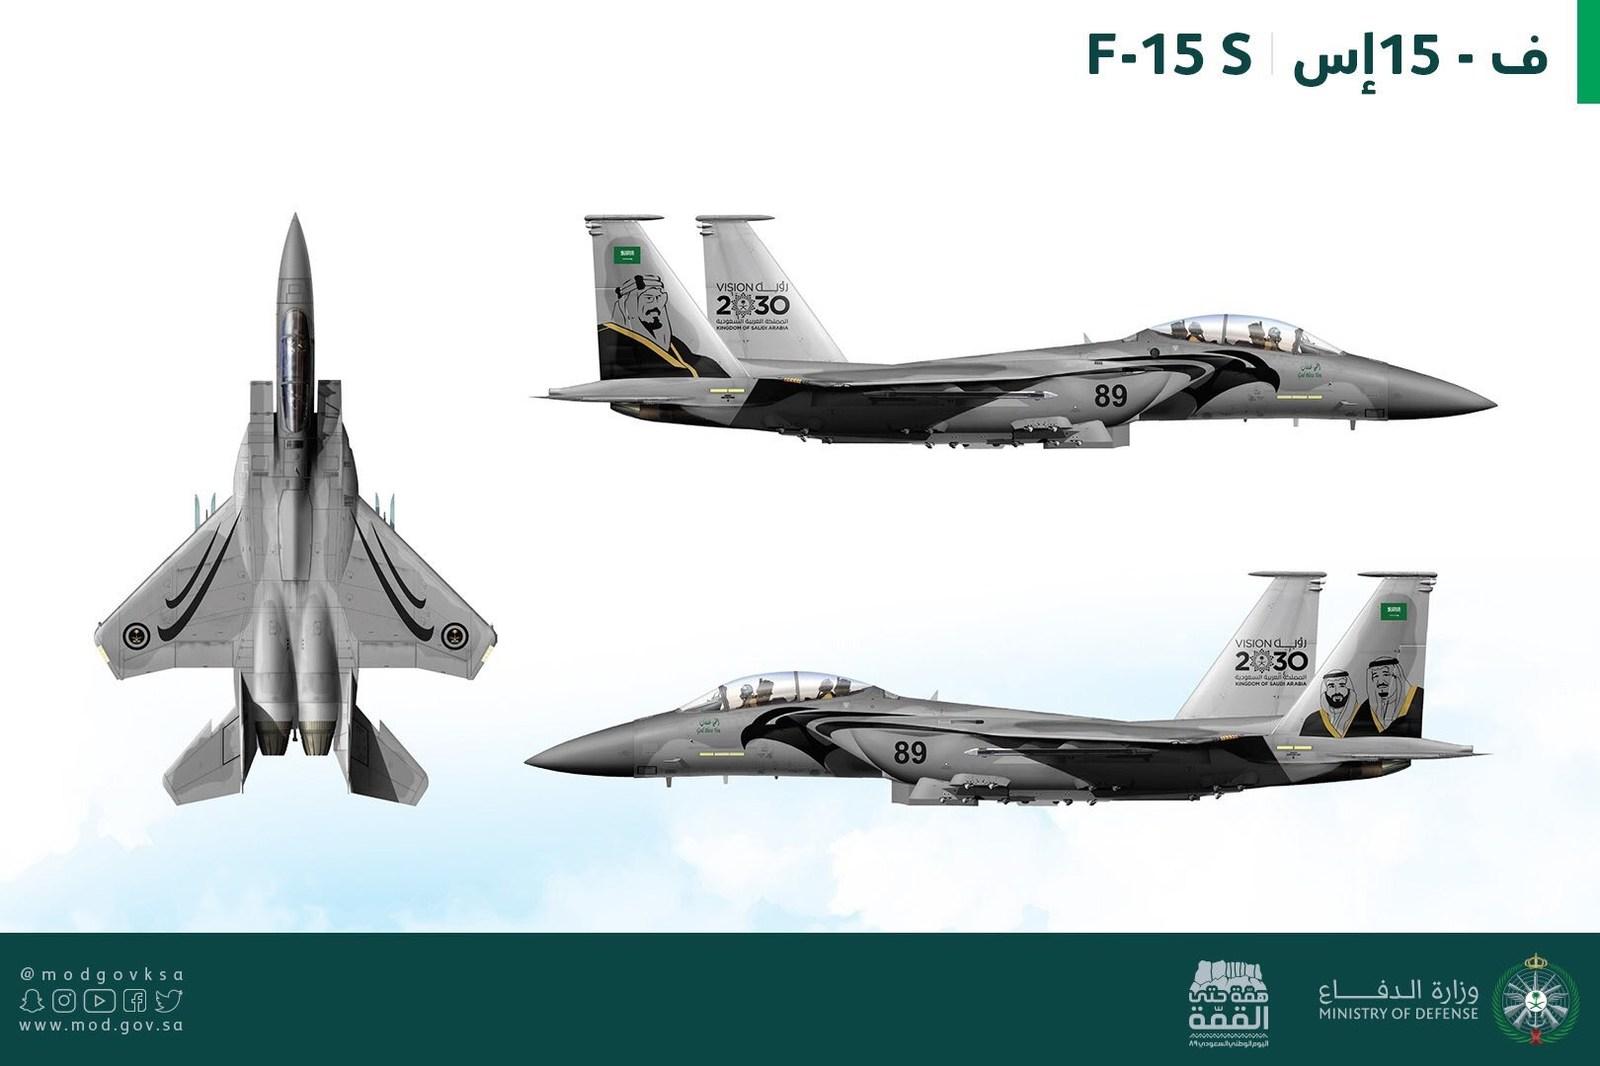 Saudi Arabia Air Force